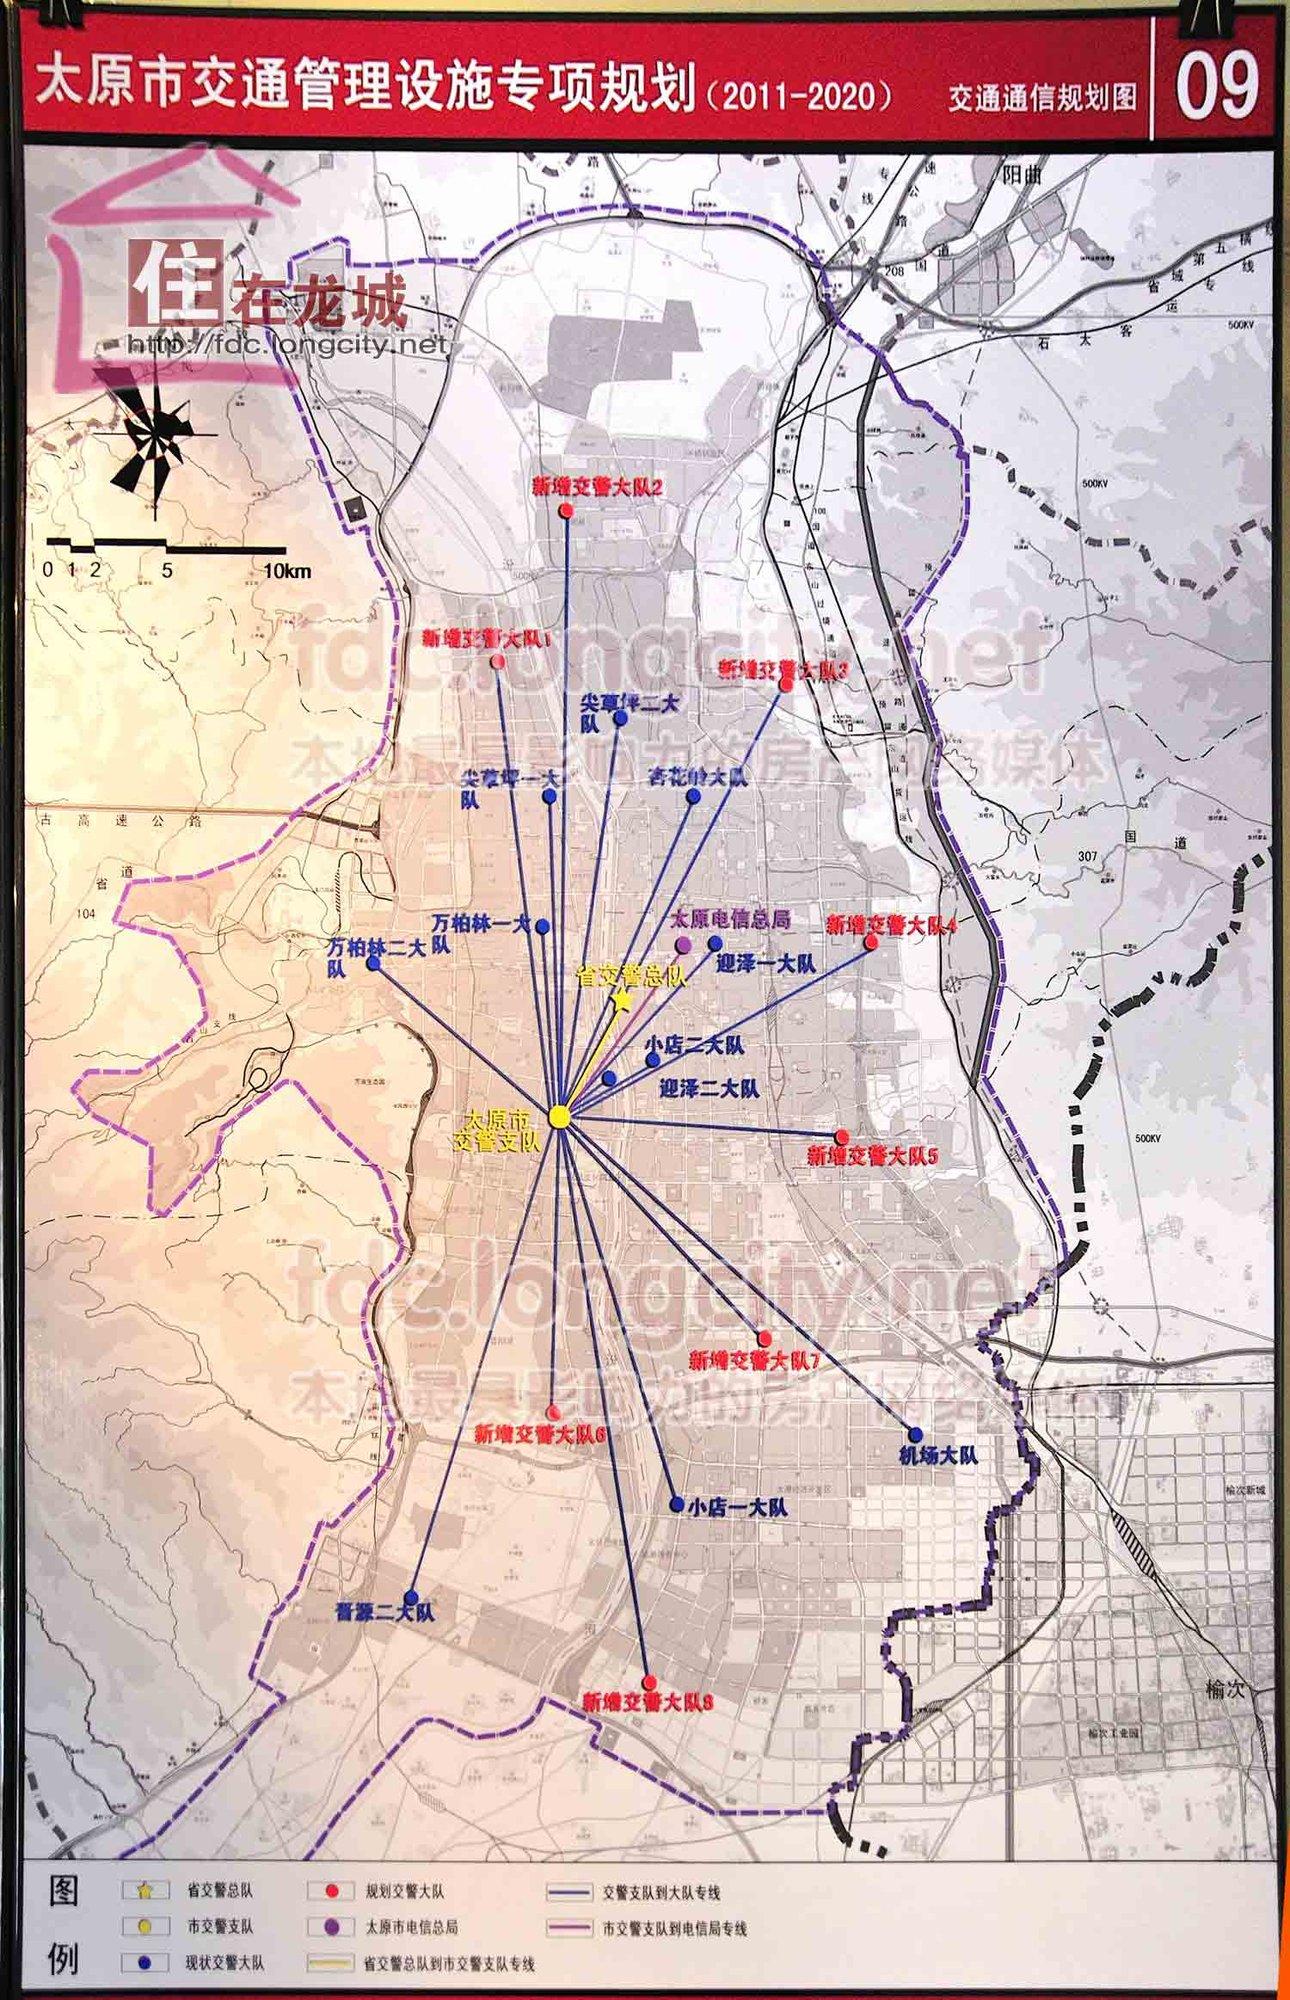 太原市交通管理设施专项规划之近期建设布局图-太原市交通管理设施